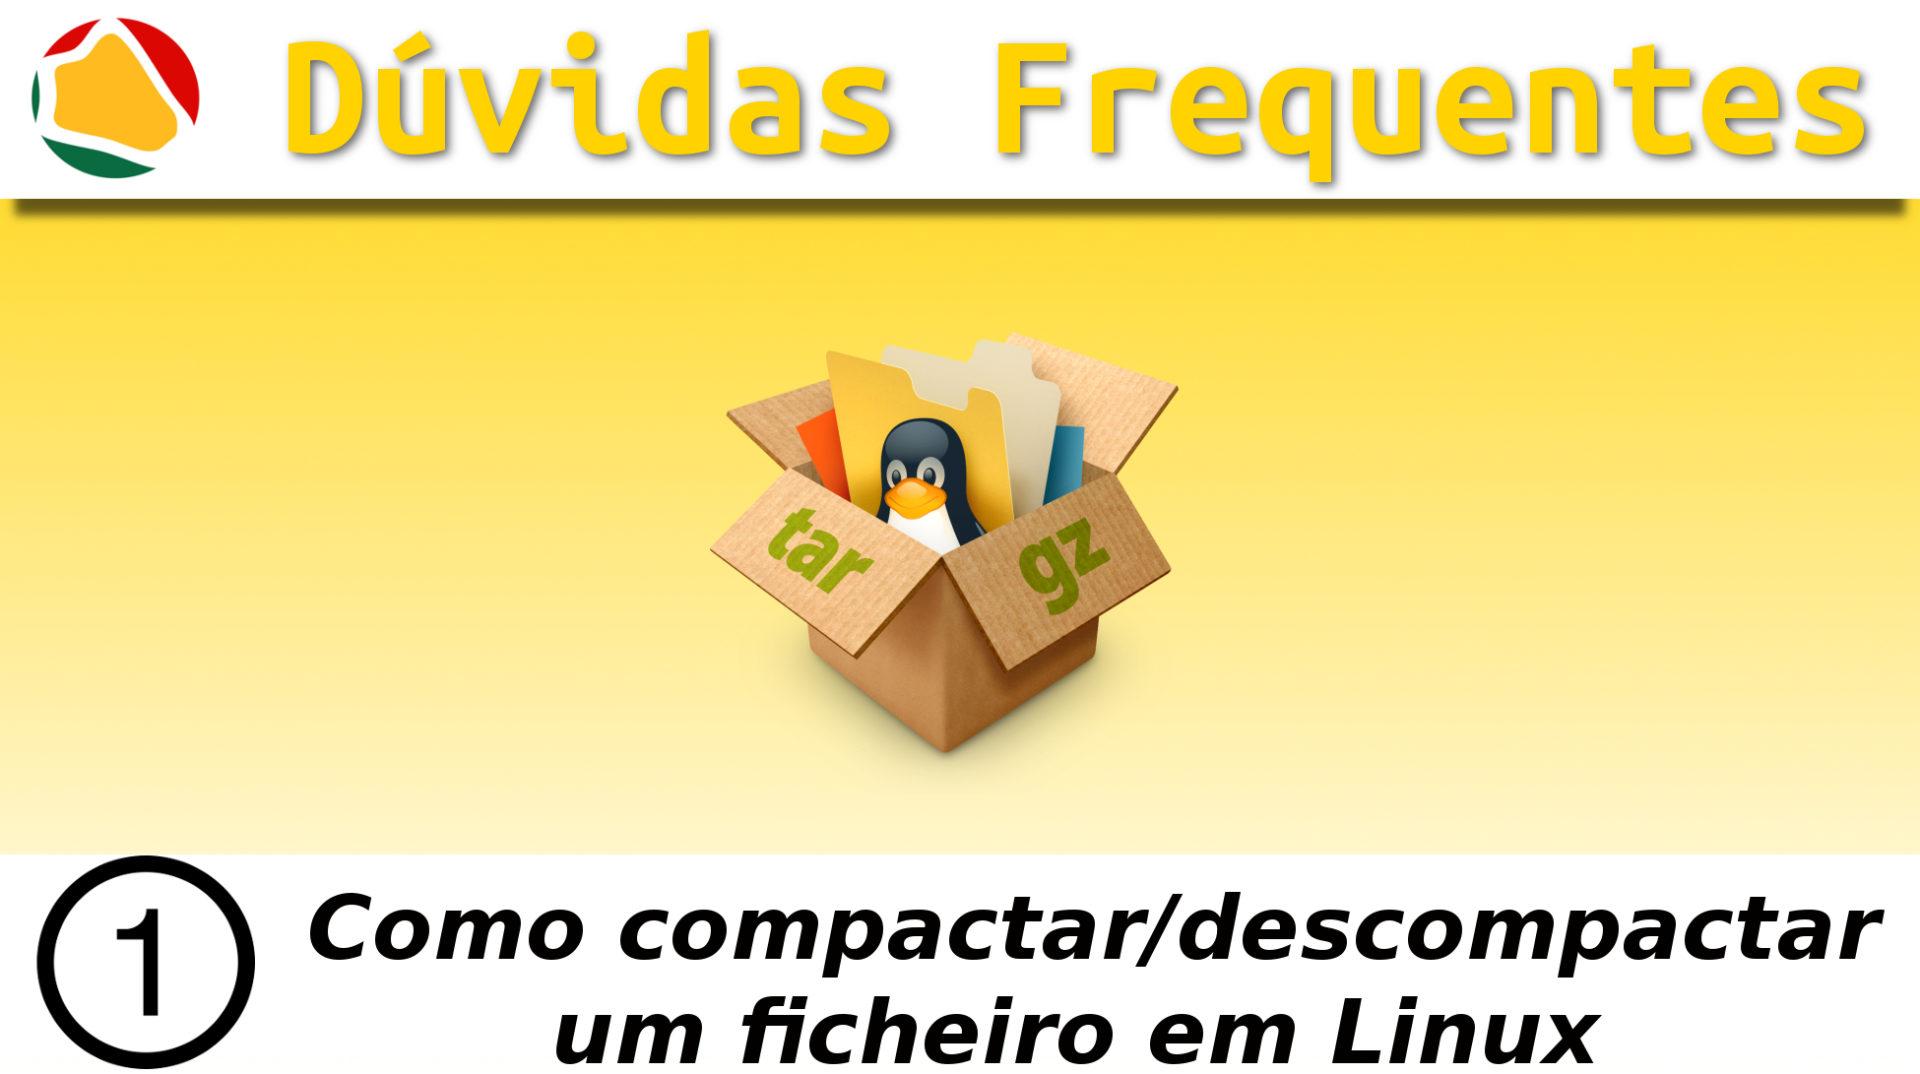 1.Como compactar/descompactar um ficheiro em linux